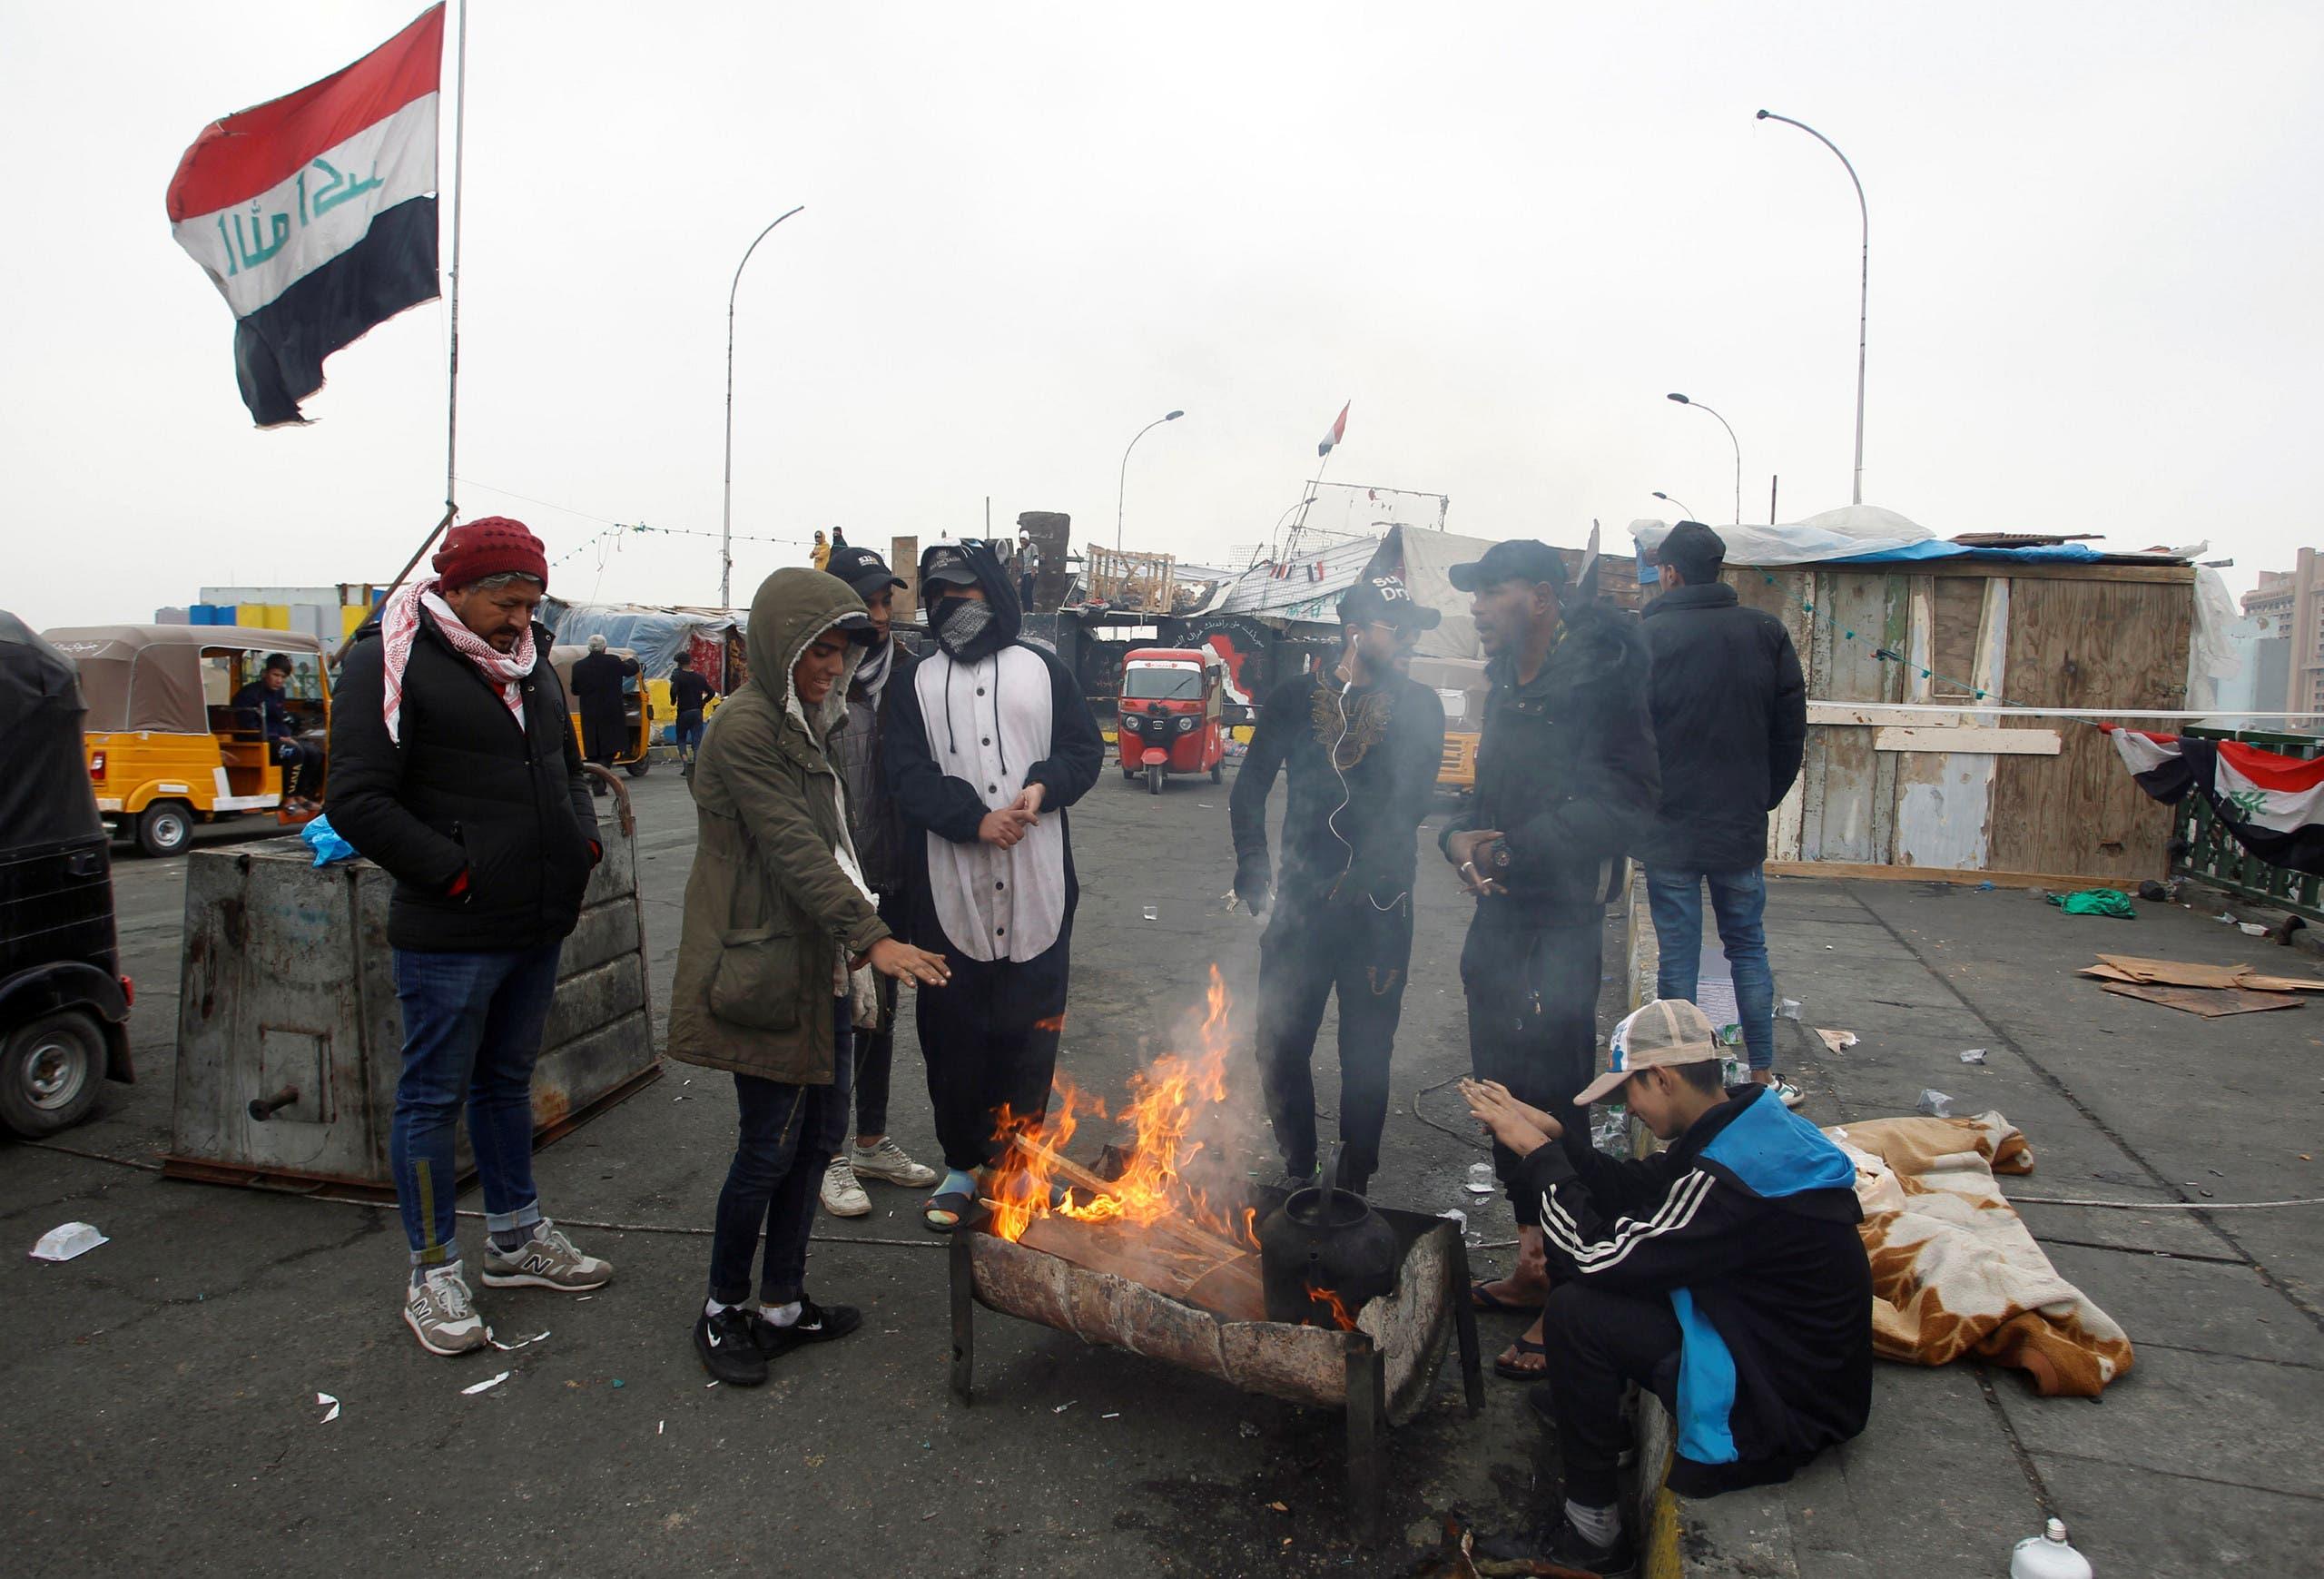 من احتجاجات العراق - جسر السنك بغداد